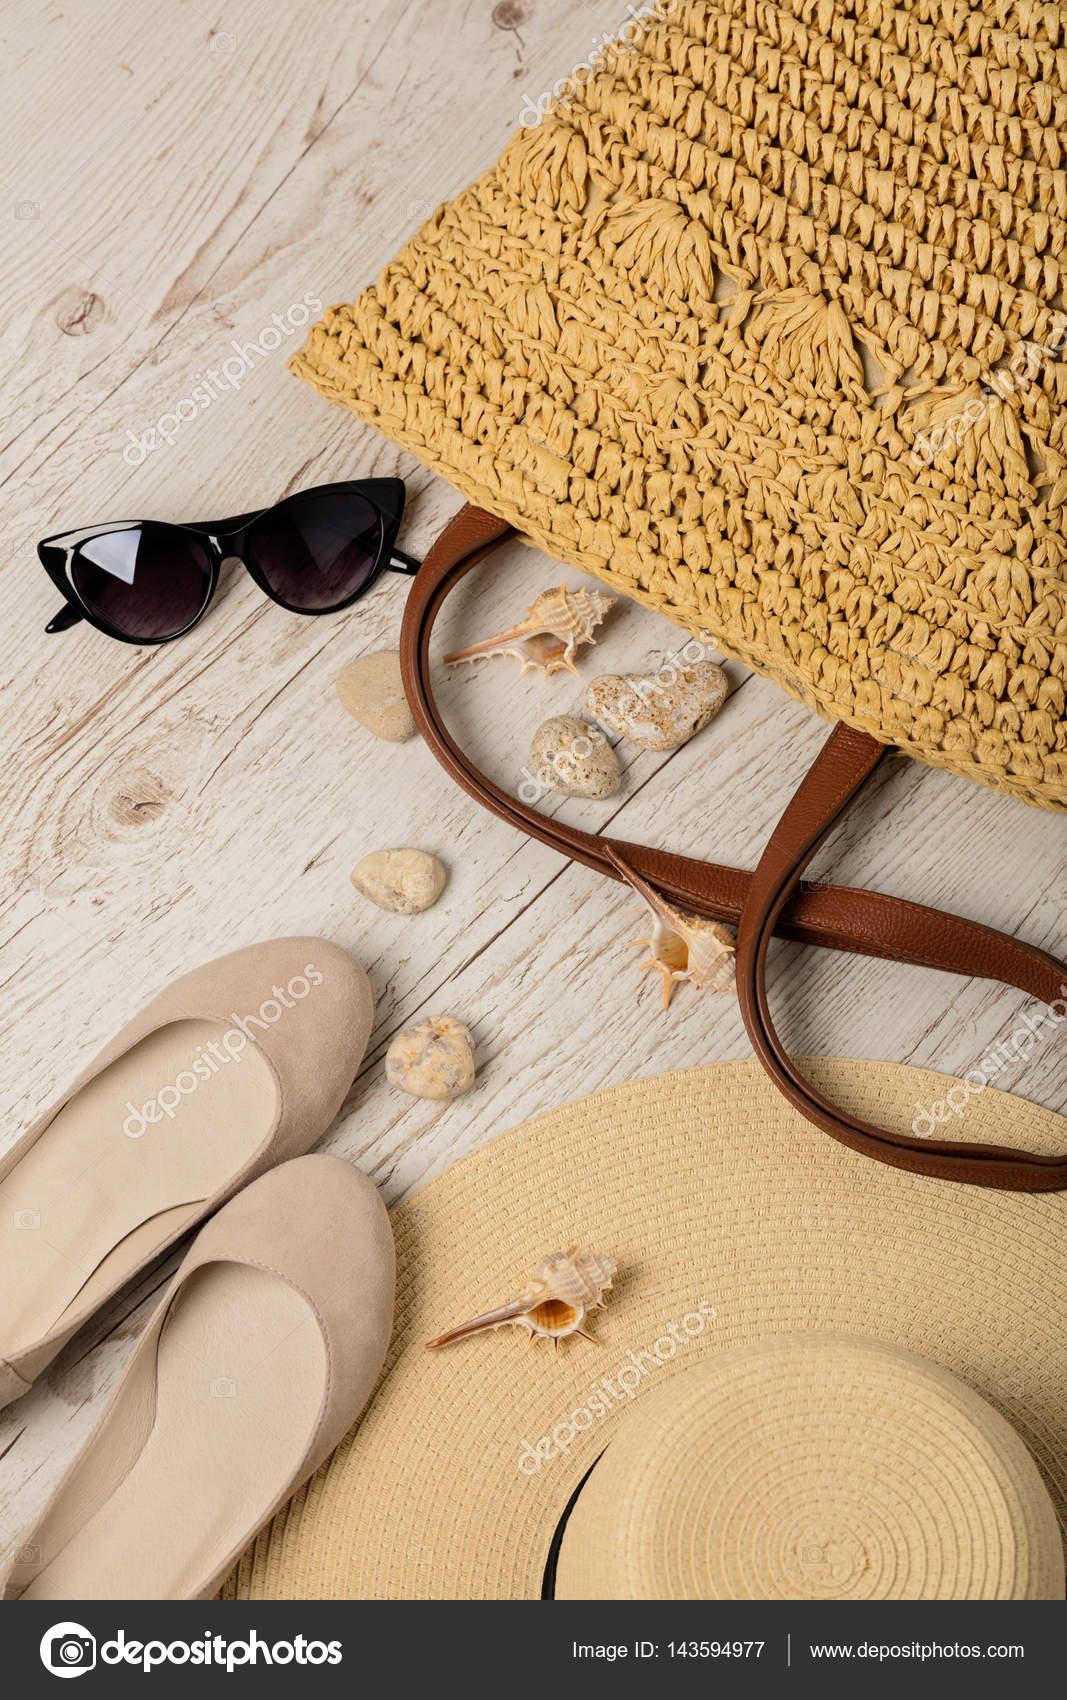 ffda5ab2f9 La valeur de mode estivale. Femme chapeau, sac, chaussures (ballerines) et  lunettes de soleil. Mise au point sélective — Image de oleh29photo